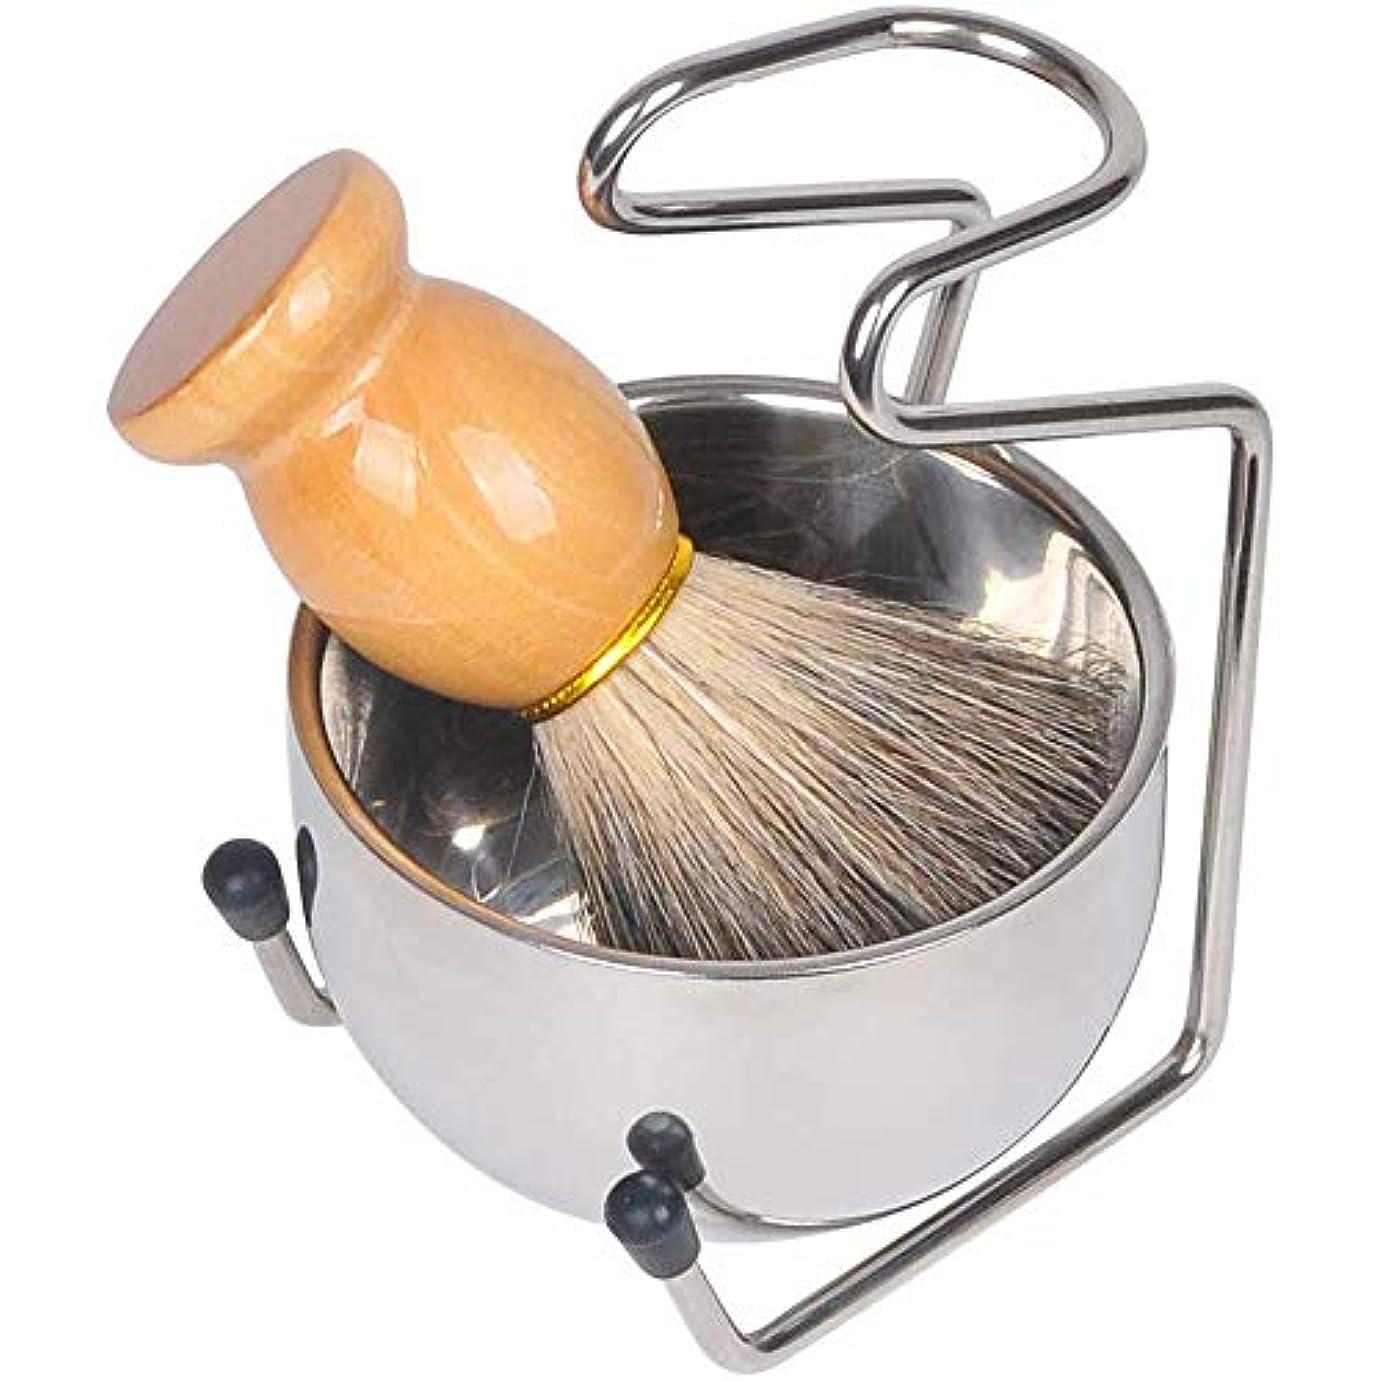 便利類似性地元3点セット ひげブラシ シェービング石鹸ボウルシェービングブラシセット洗顔ブラシ メンズ 理容 髭剃り 泡立ち毛